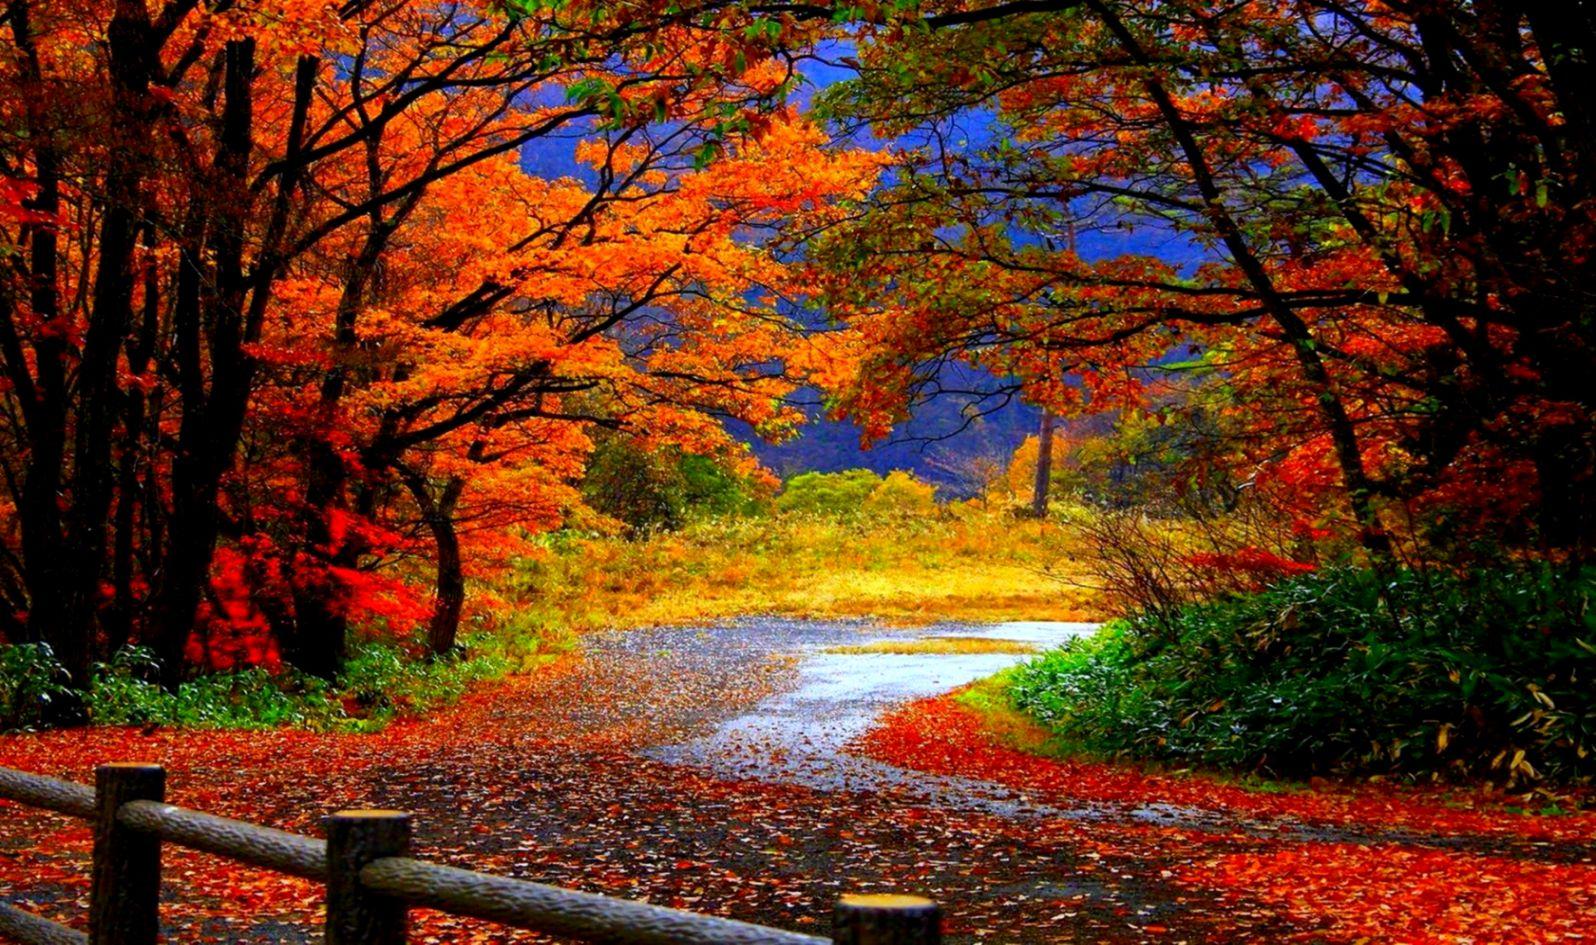 Autumn Backgrounds Wallpaper Diariesofafashionfreak